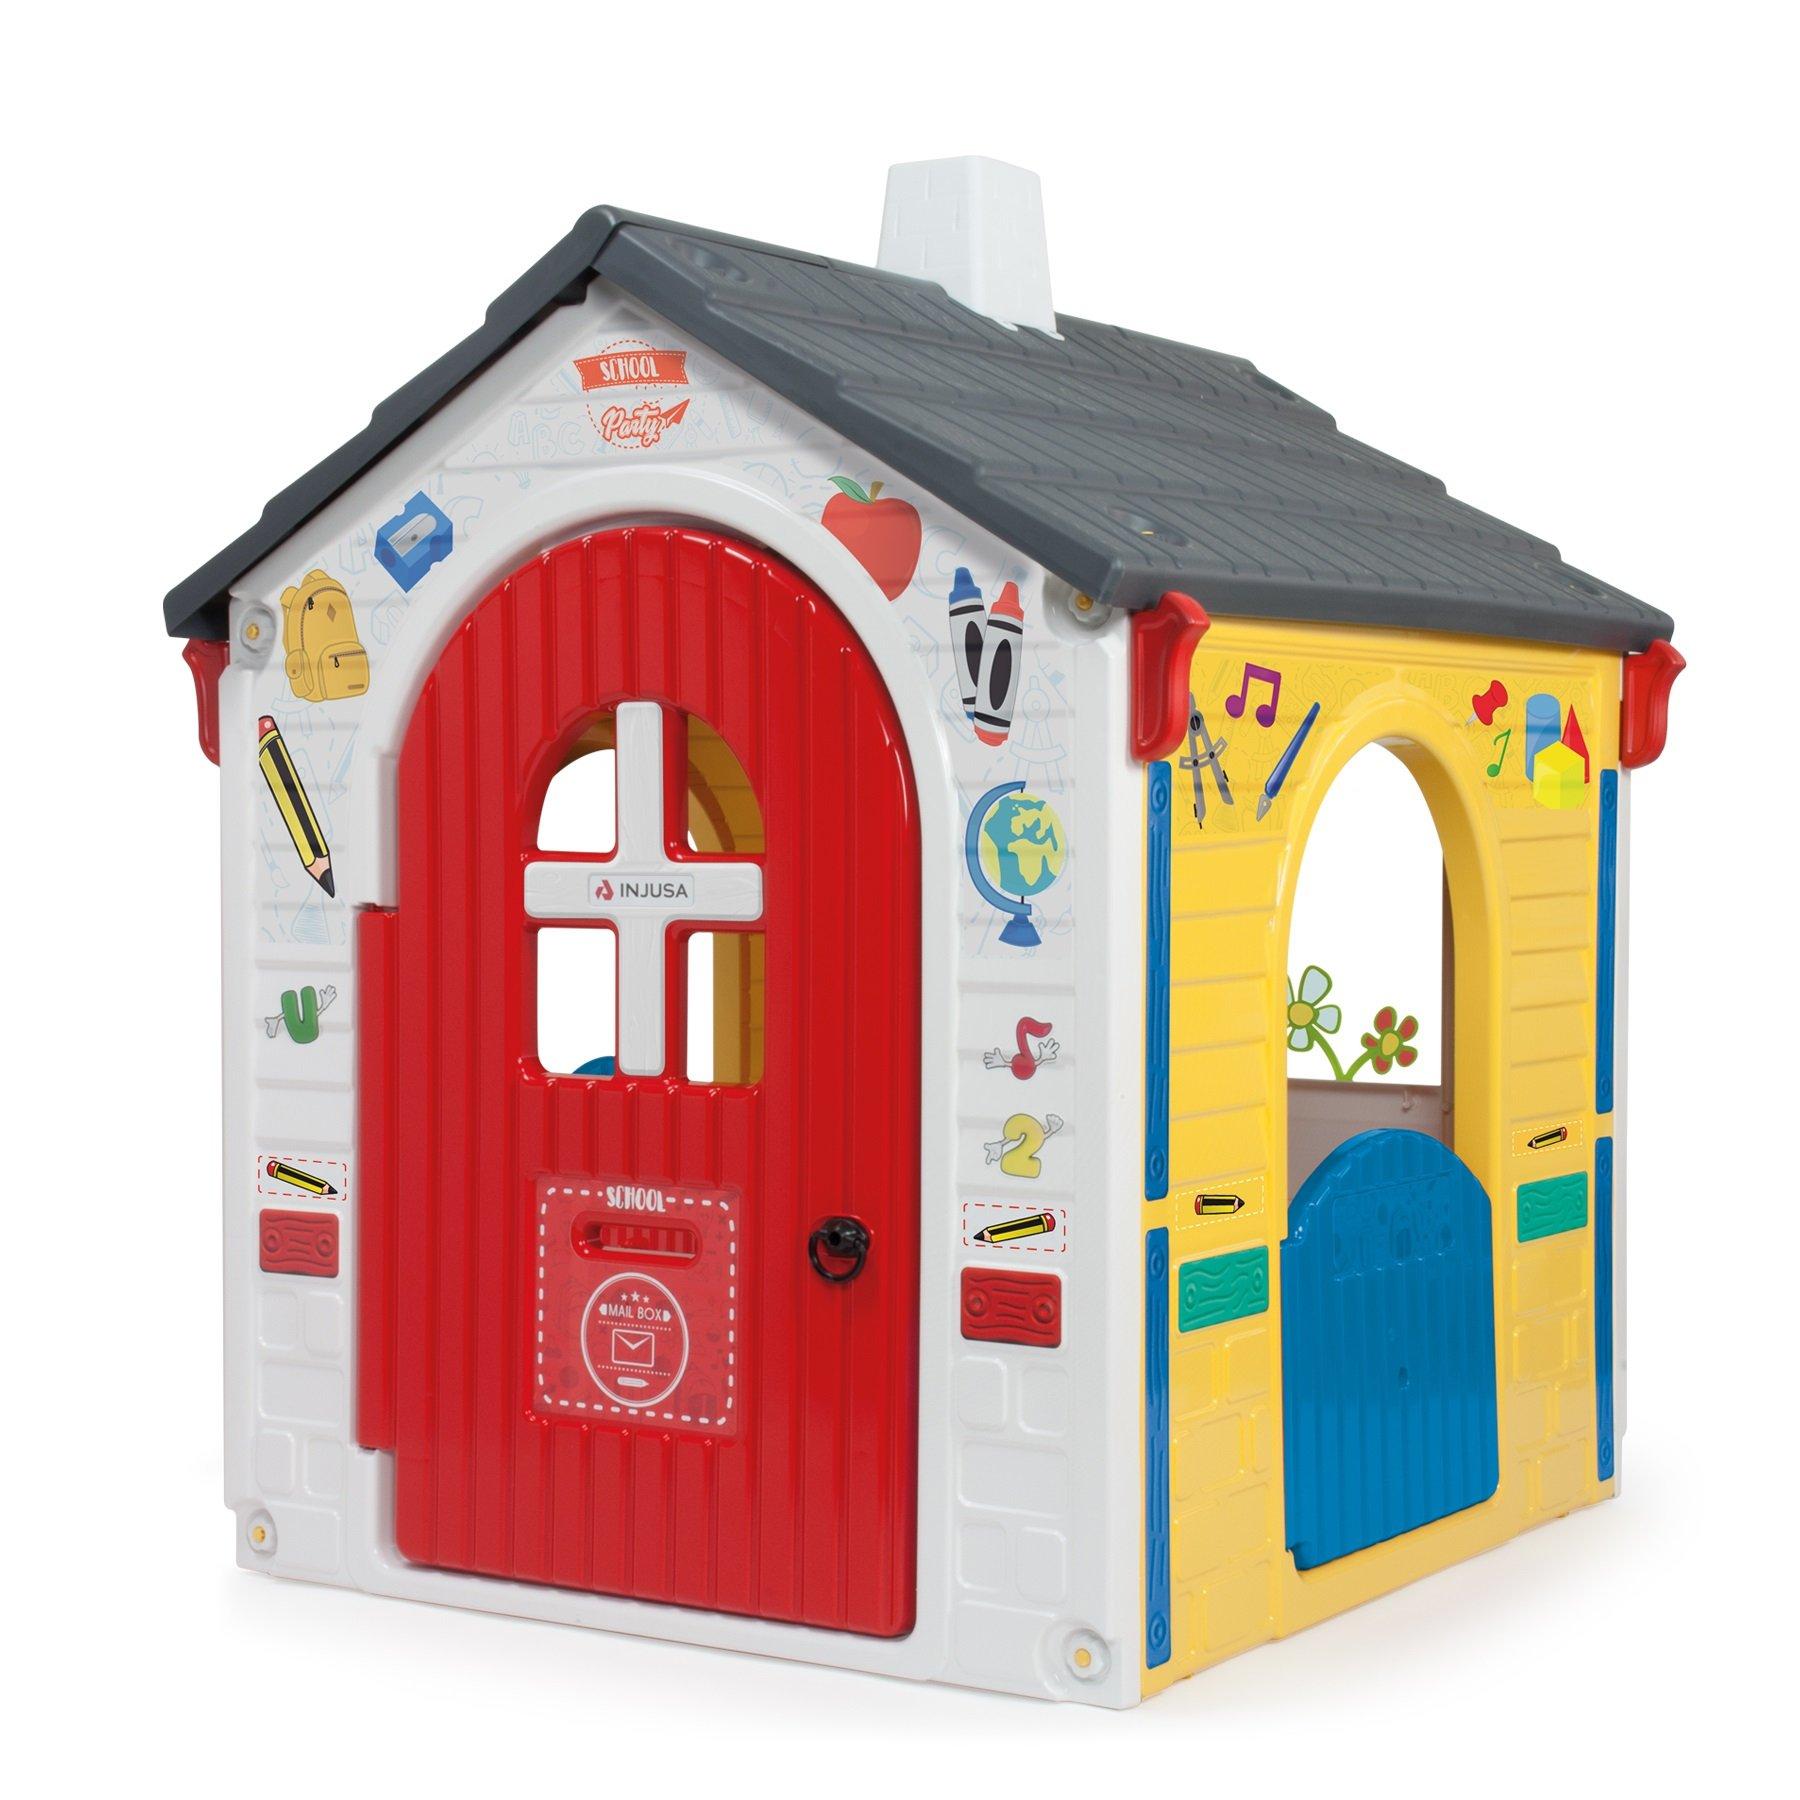 INJUSA-20334 Casa de juguete School Party, color surtido, 21 x 10 x 5 cm (20334): Amazon.es: Juguetes y juegos